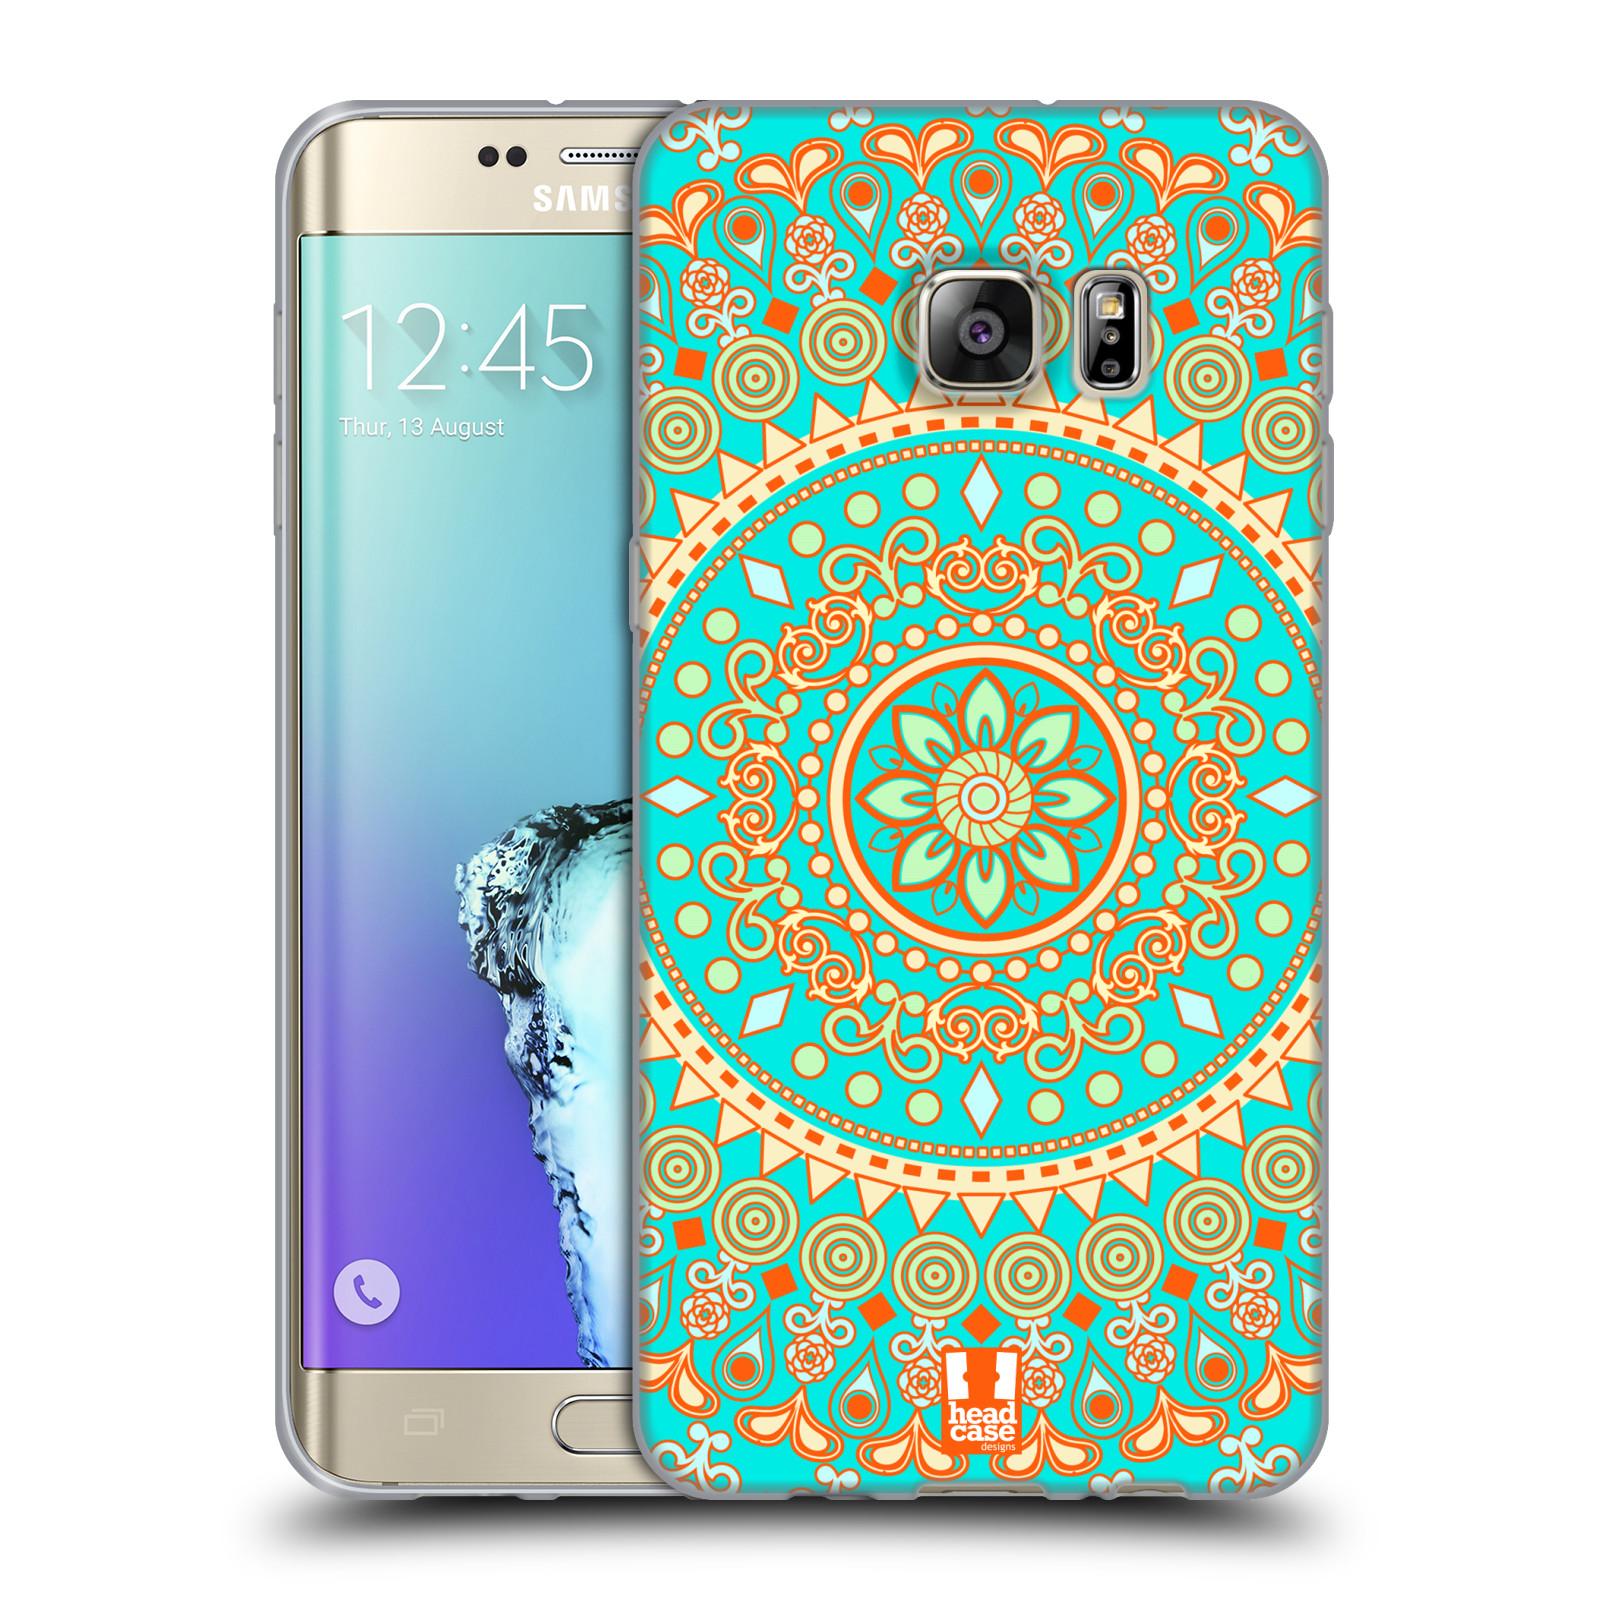 HEAD CASE silikonový obal na mobil Samsung Galaxy S6 EDGE PLUS vzor Indie  Mandala slunce barevný motiv TYRKYSOVÁ e6d914161a4